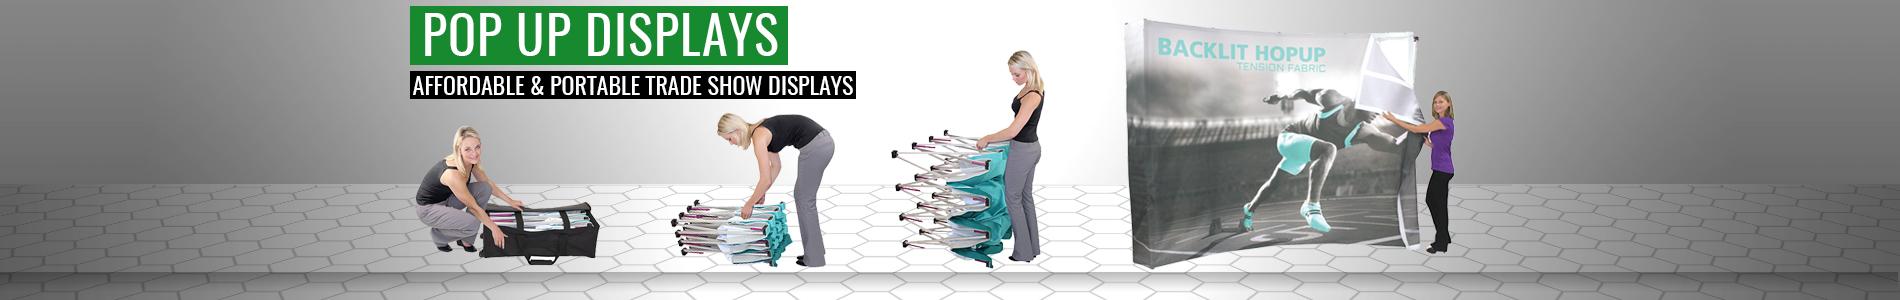 Pop Up Displays Step by Step